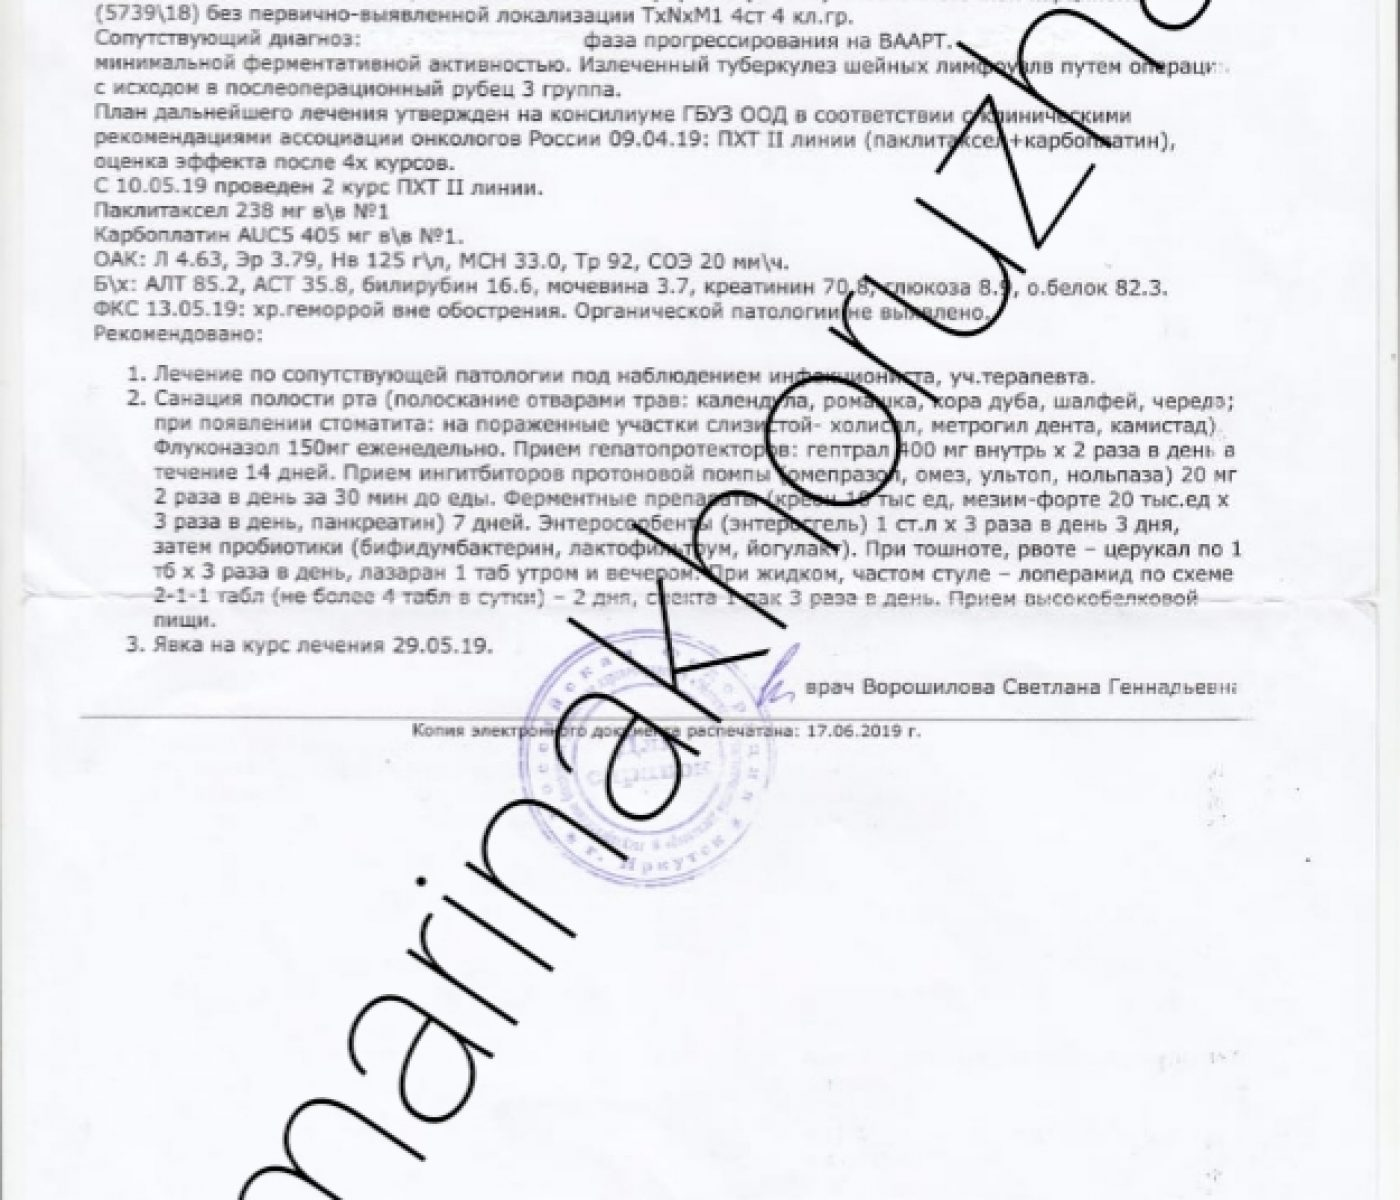 IMG-e97606f1634e4578f5cbfd6af10fa071-V